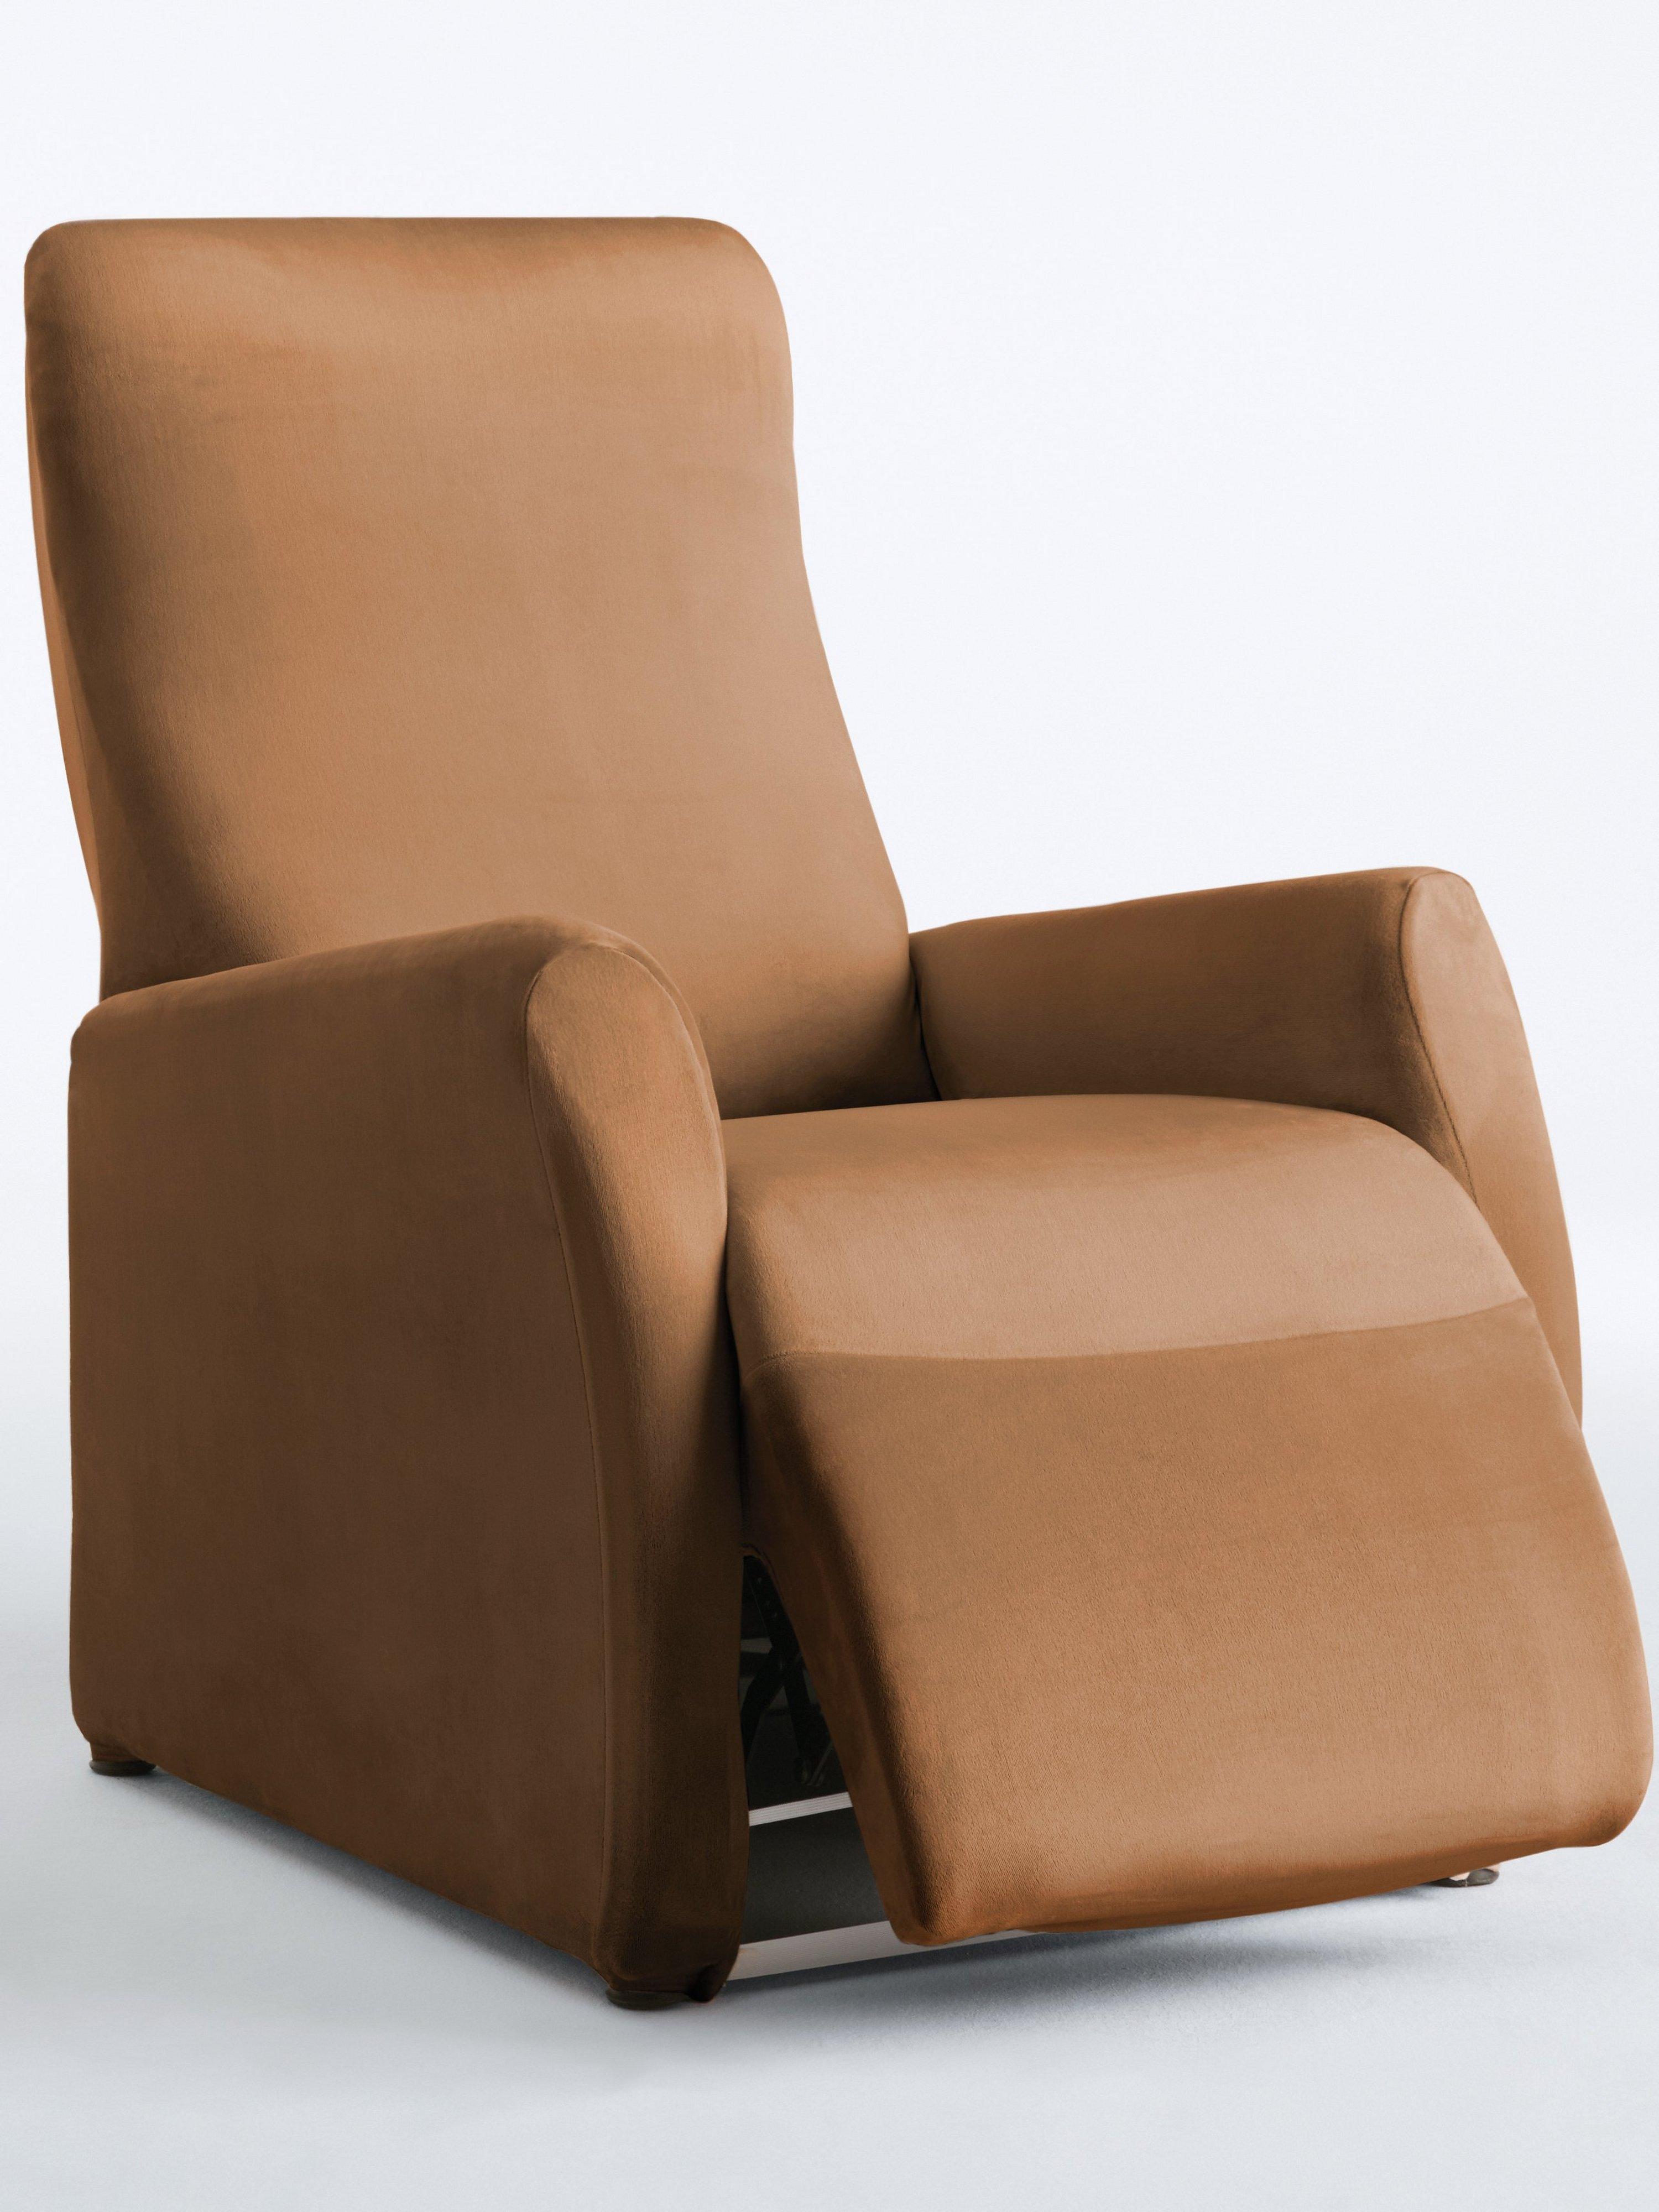 Hoes voor relaxfauteuil ca. 90-100x60−70cm (hxb) Van Peter Hahn bruin